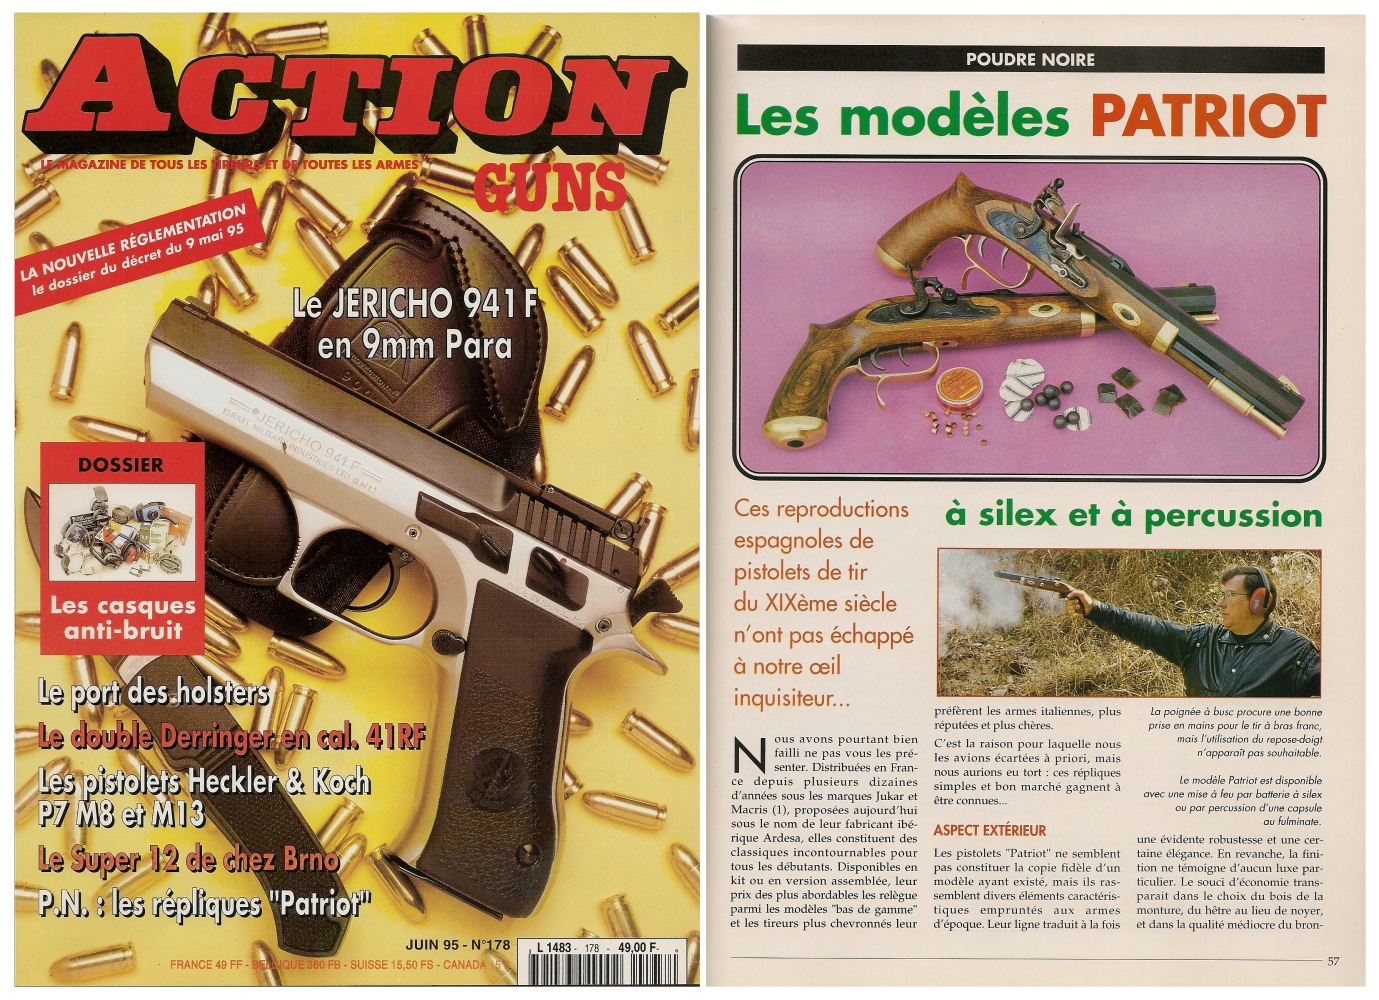 Le banc d'essai des pistolets « Patriot » à silex et à percussion a été publié sur 5 pages dans le magazine Action Guns n° 178 (juin 1995).